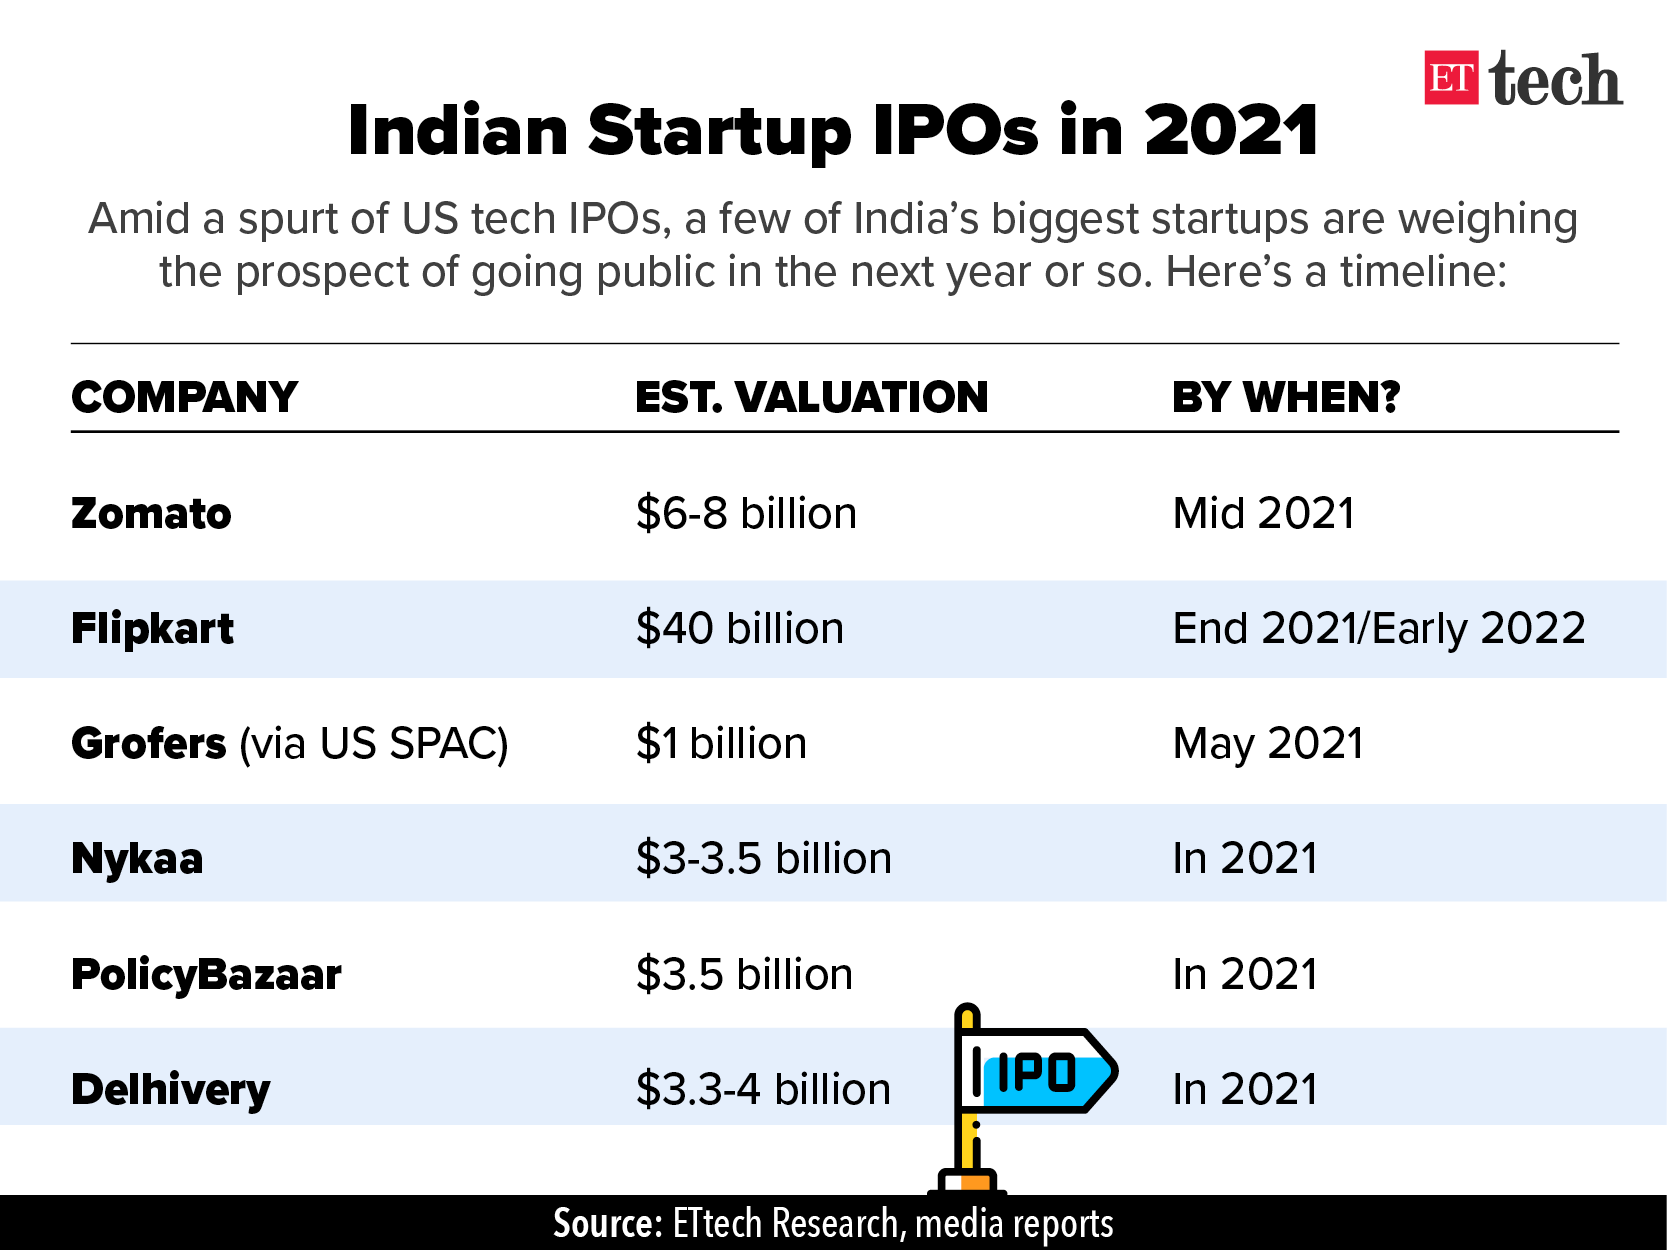 Indian Startup IPOs